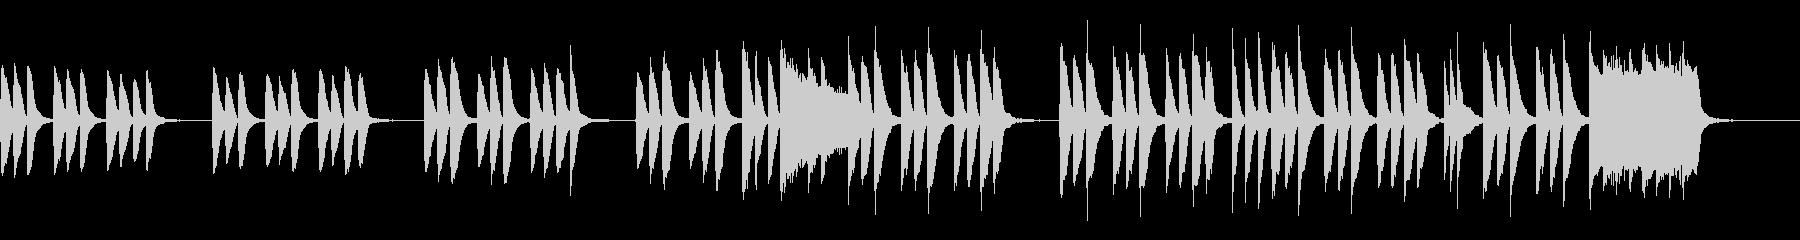 キッズ/ペット ほのぼのカワイイピアノ曲の未再生の波形